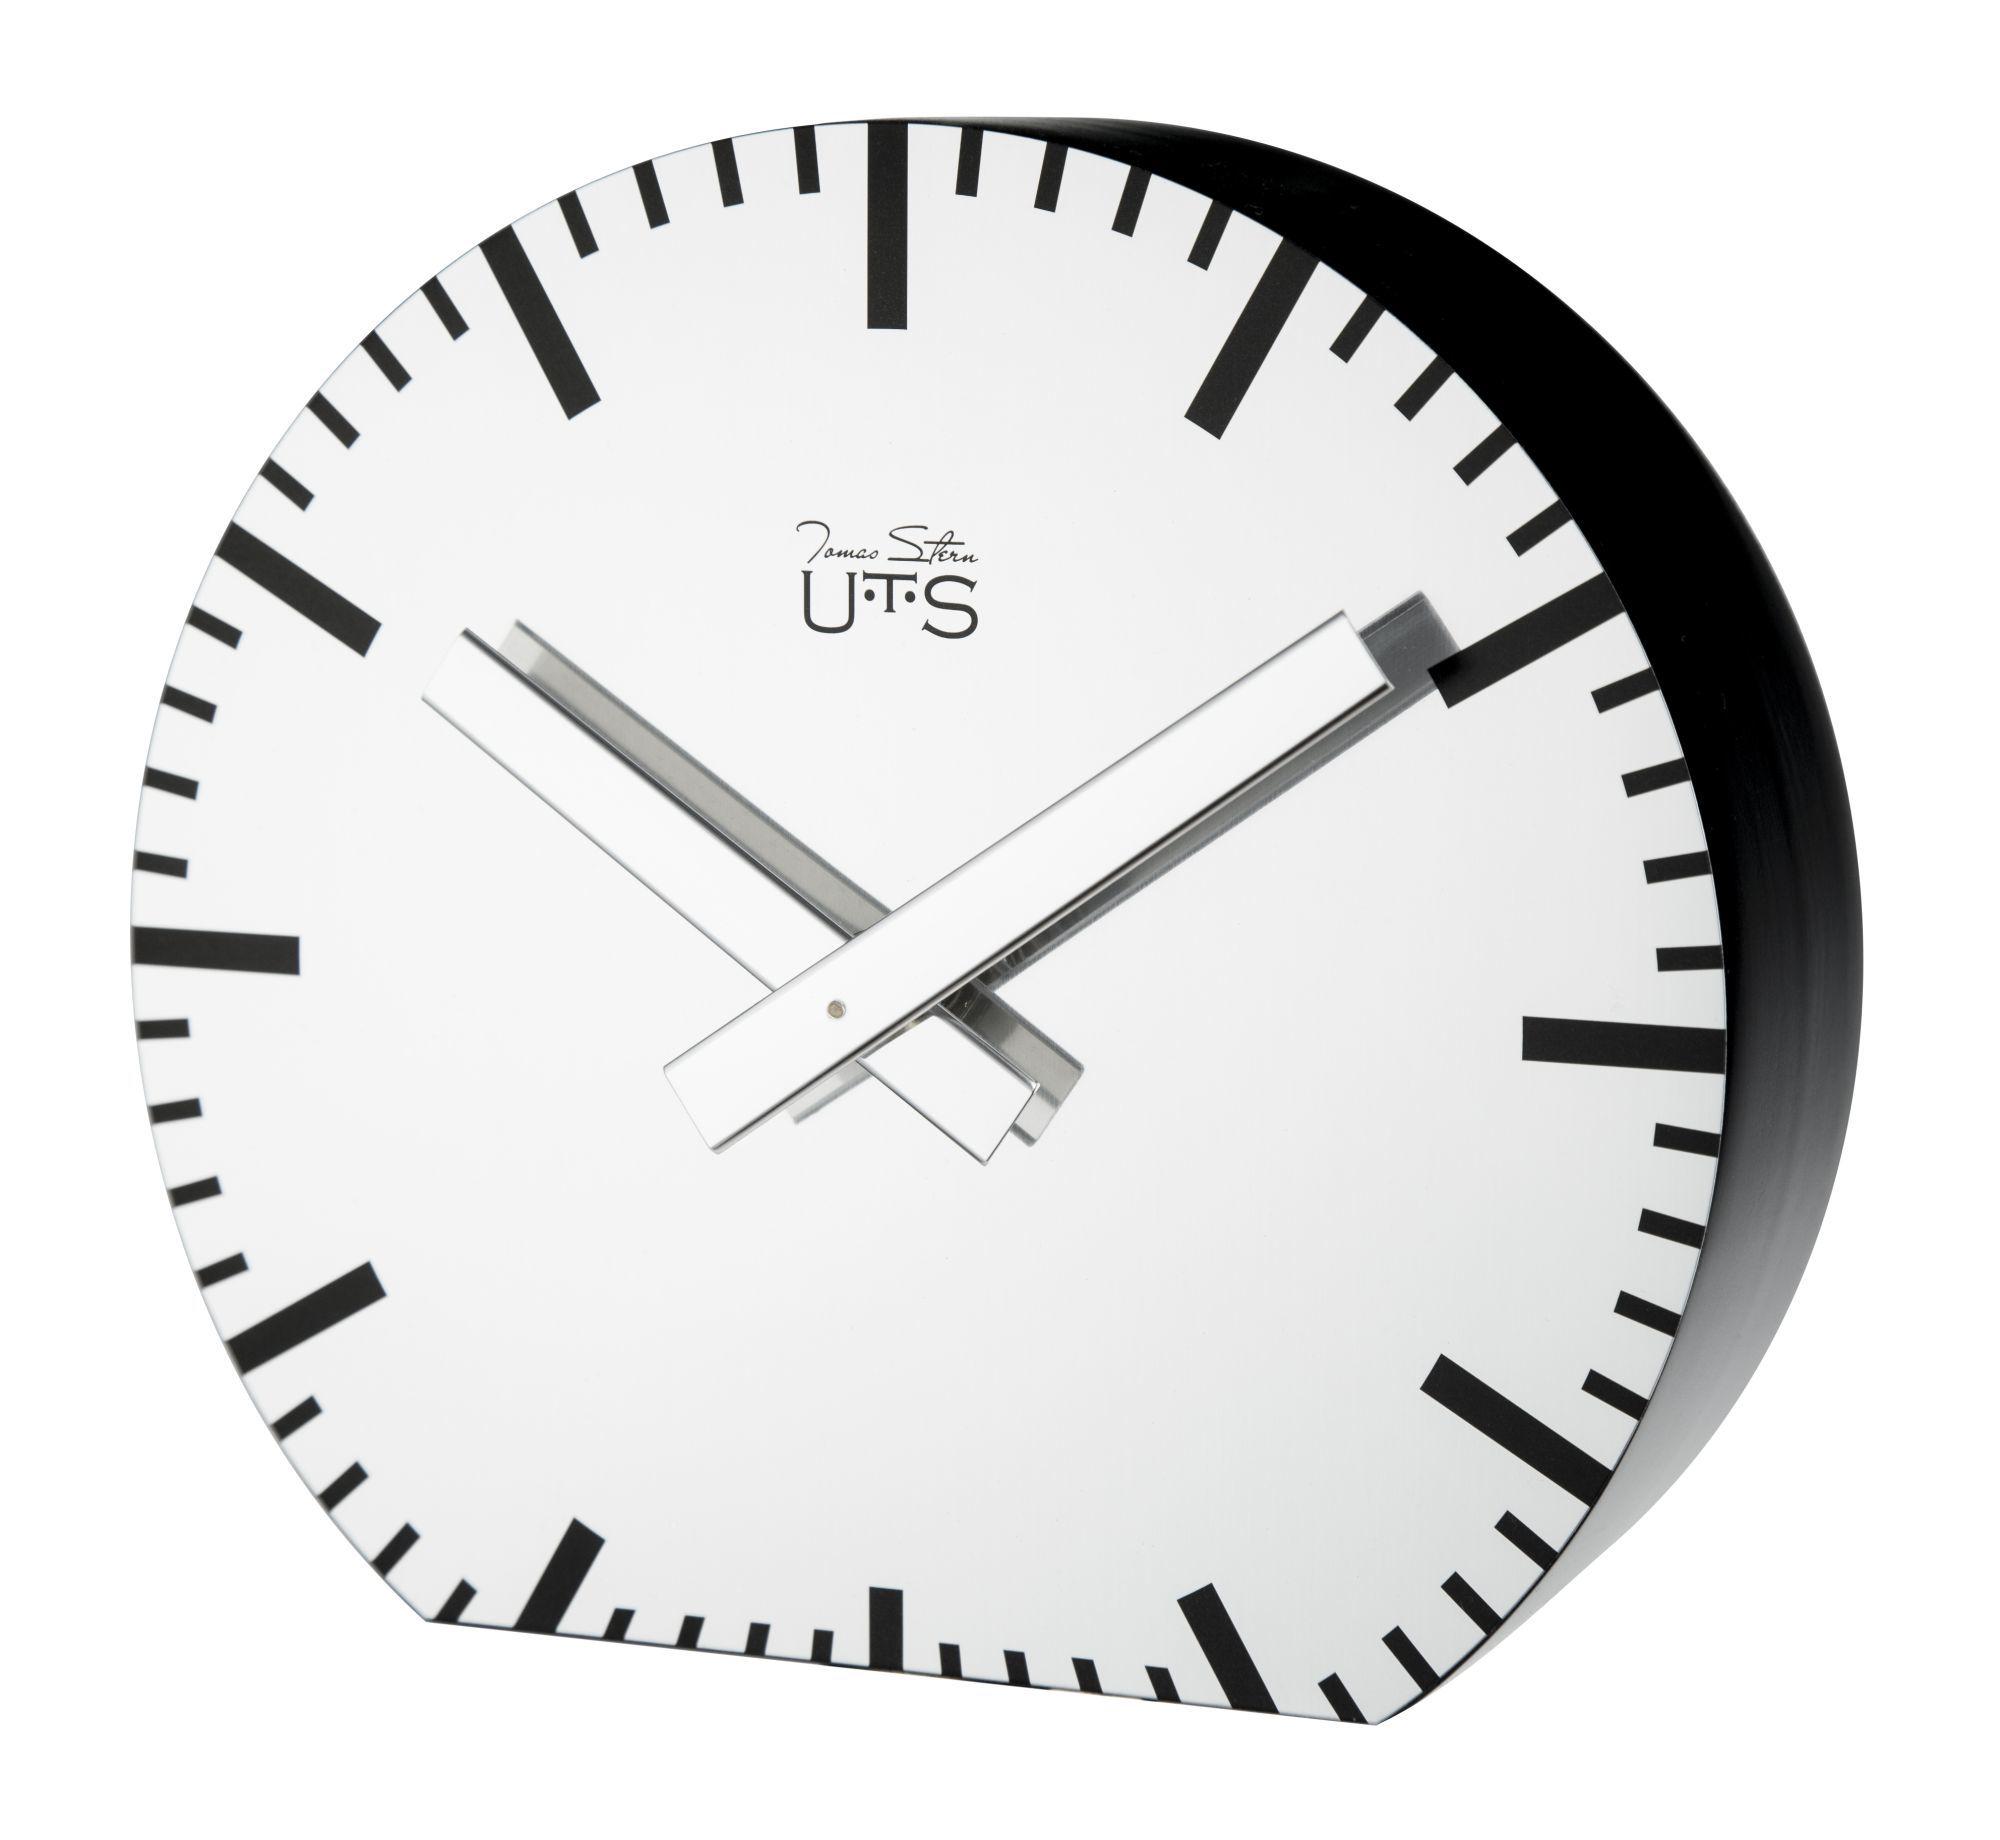 Часы настенные Часы настенные-настольные Tomas Stern 4020S chasy-nastennye-tomas-stern-4020s-germaniya.jpg